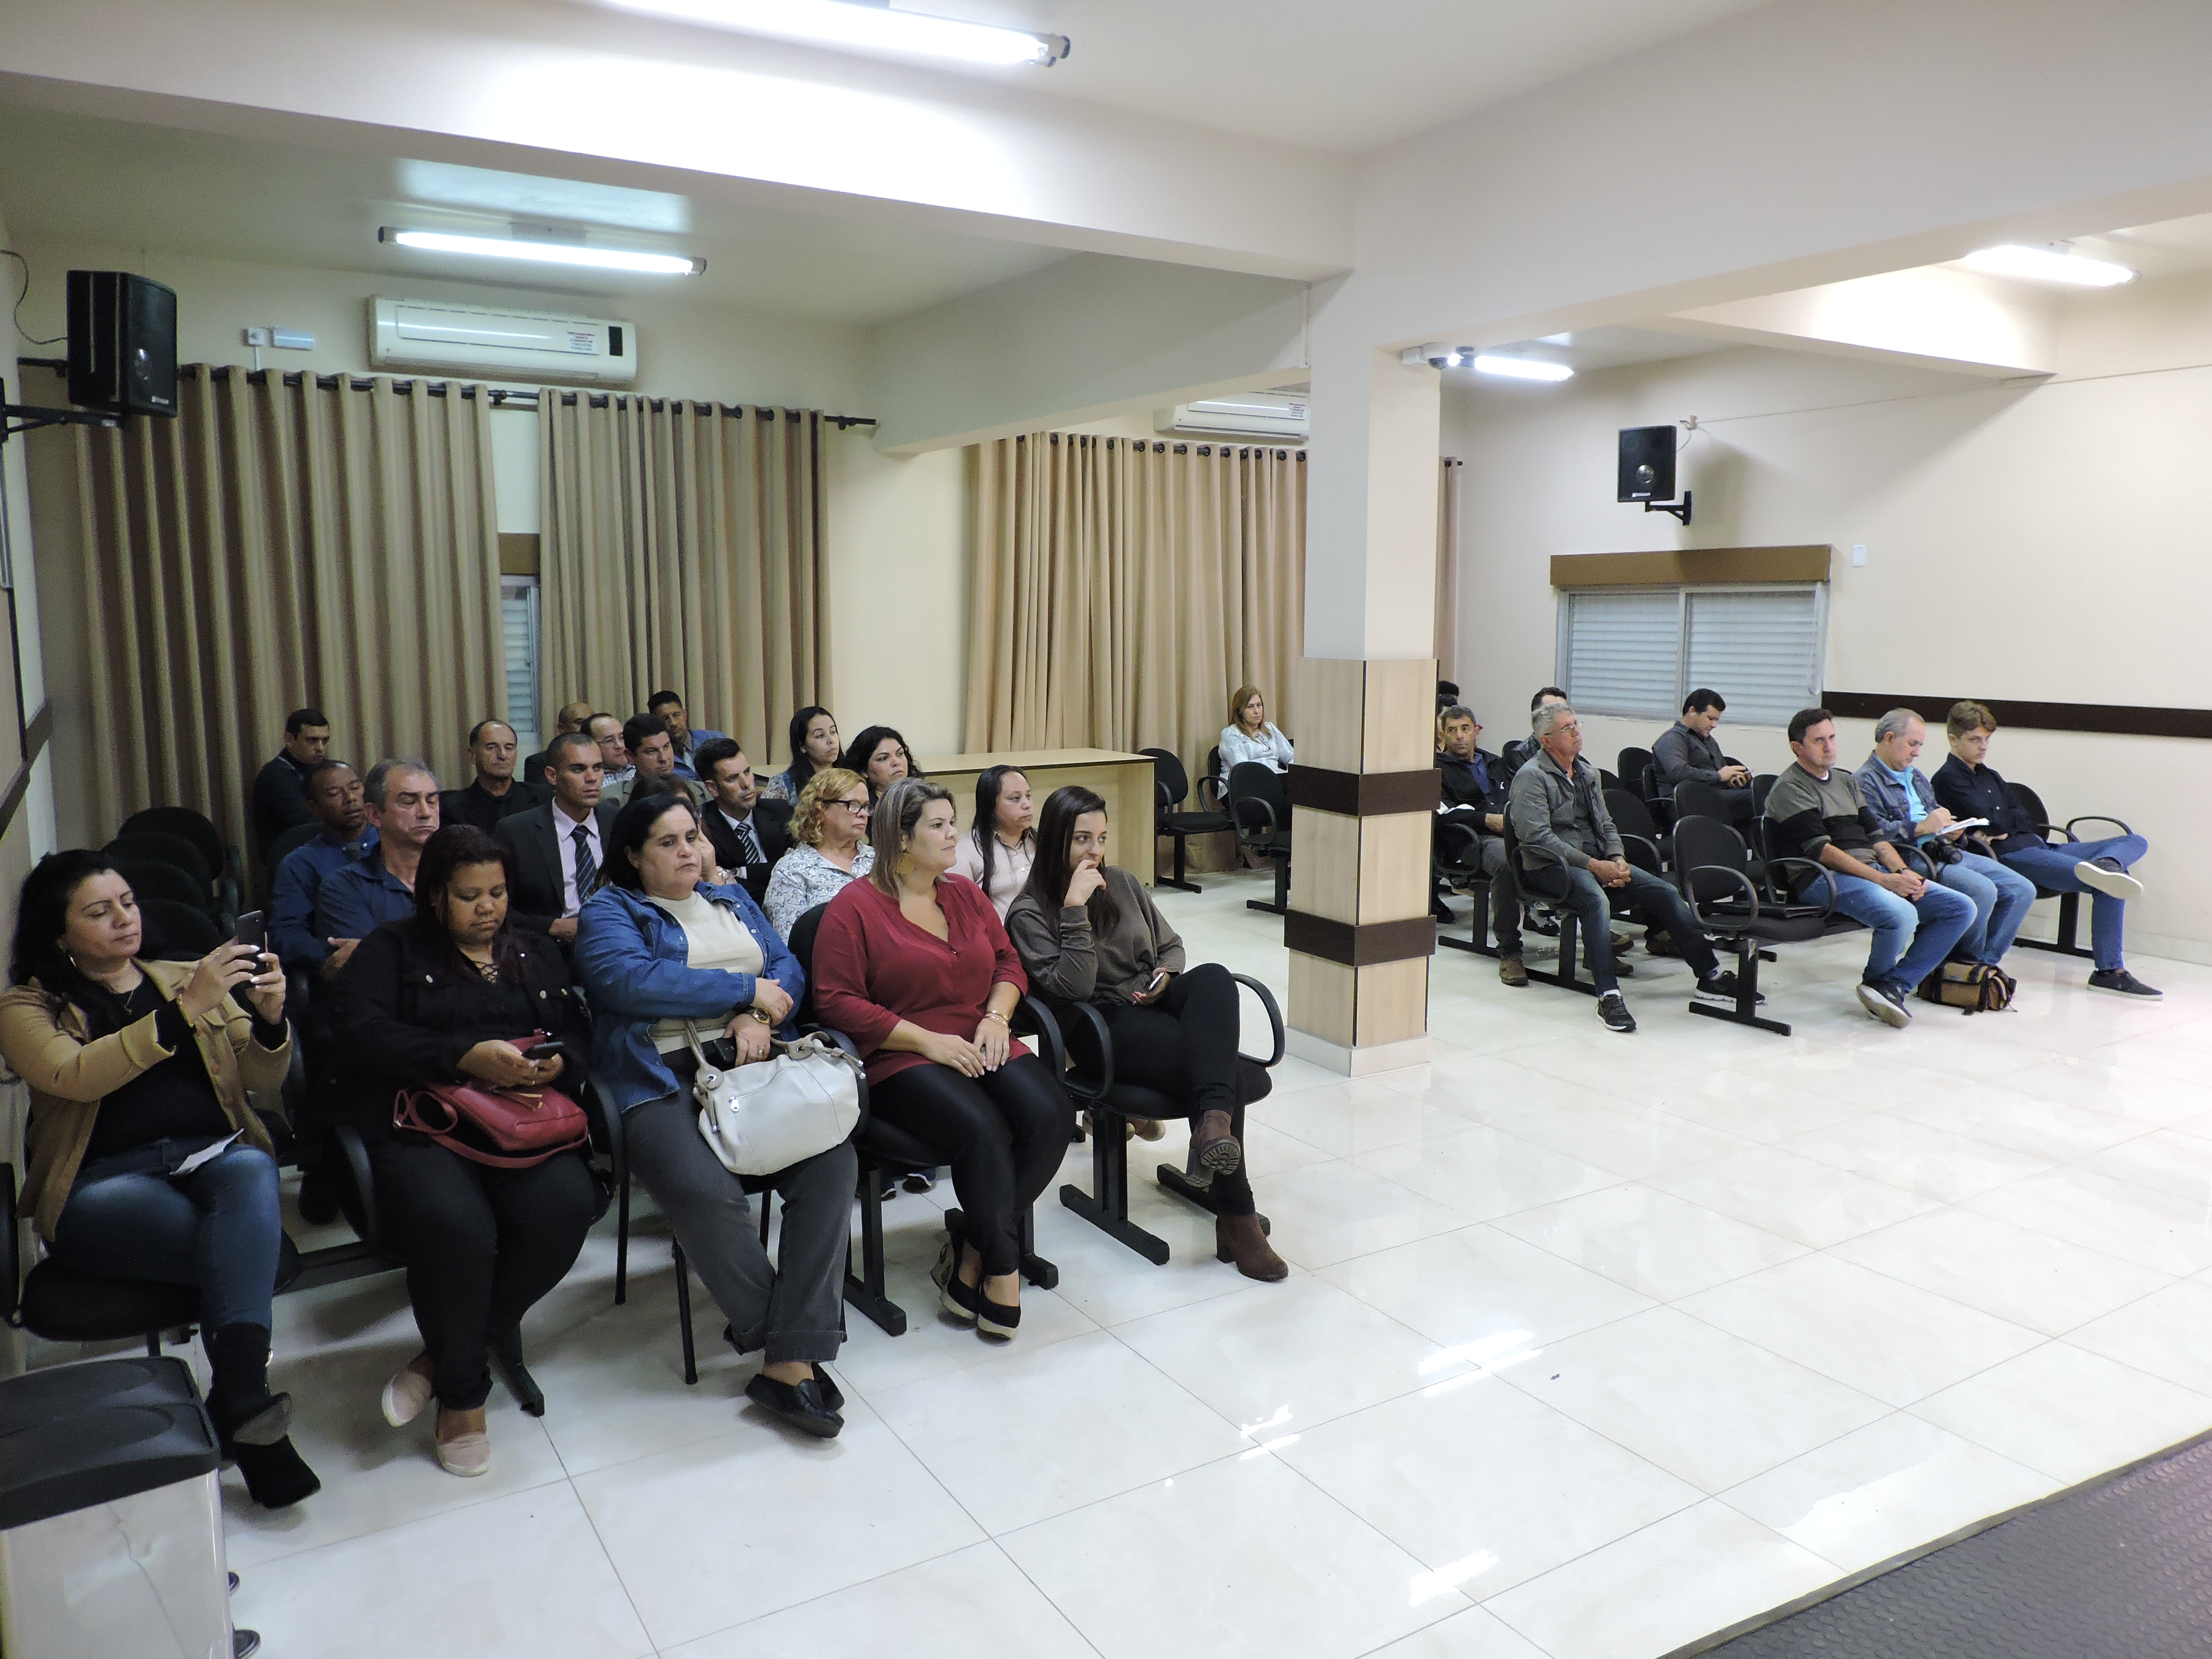 Estiveram presentes membros do Centro, amigos, familiares e servidores da Câmara